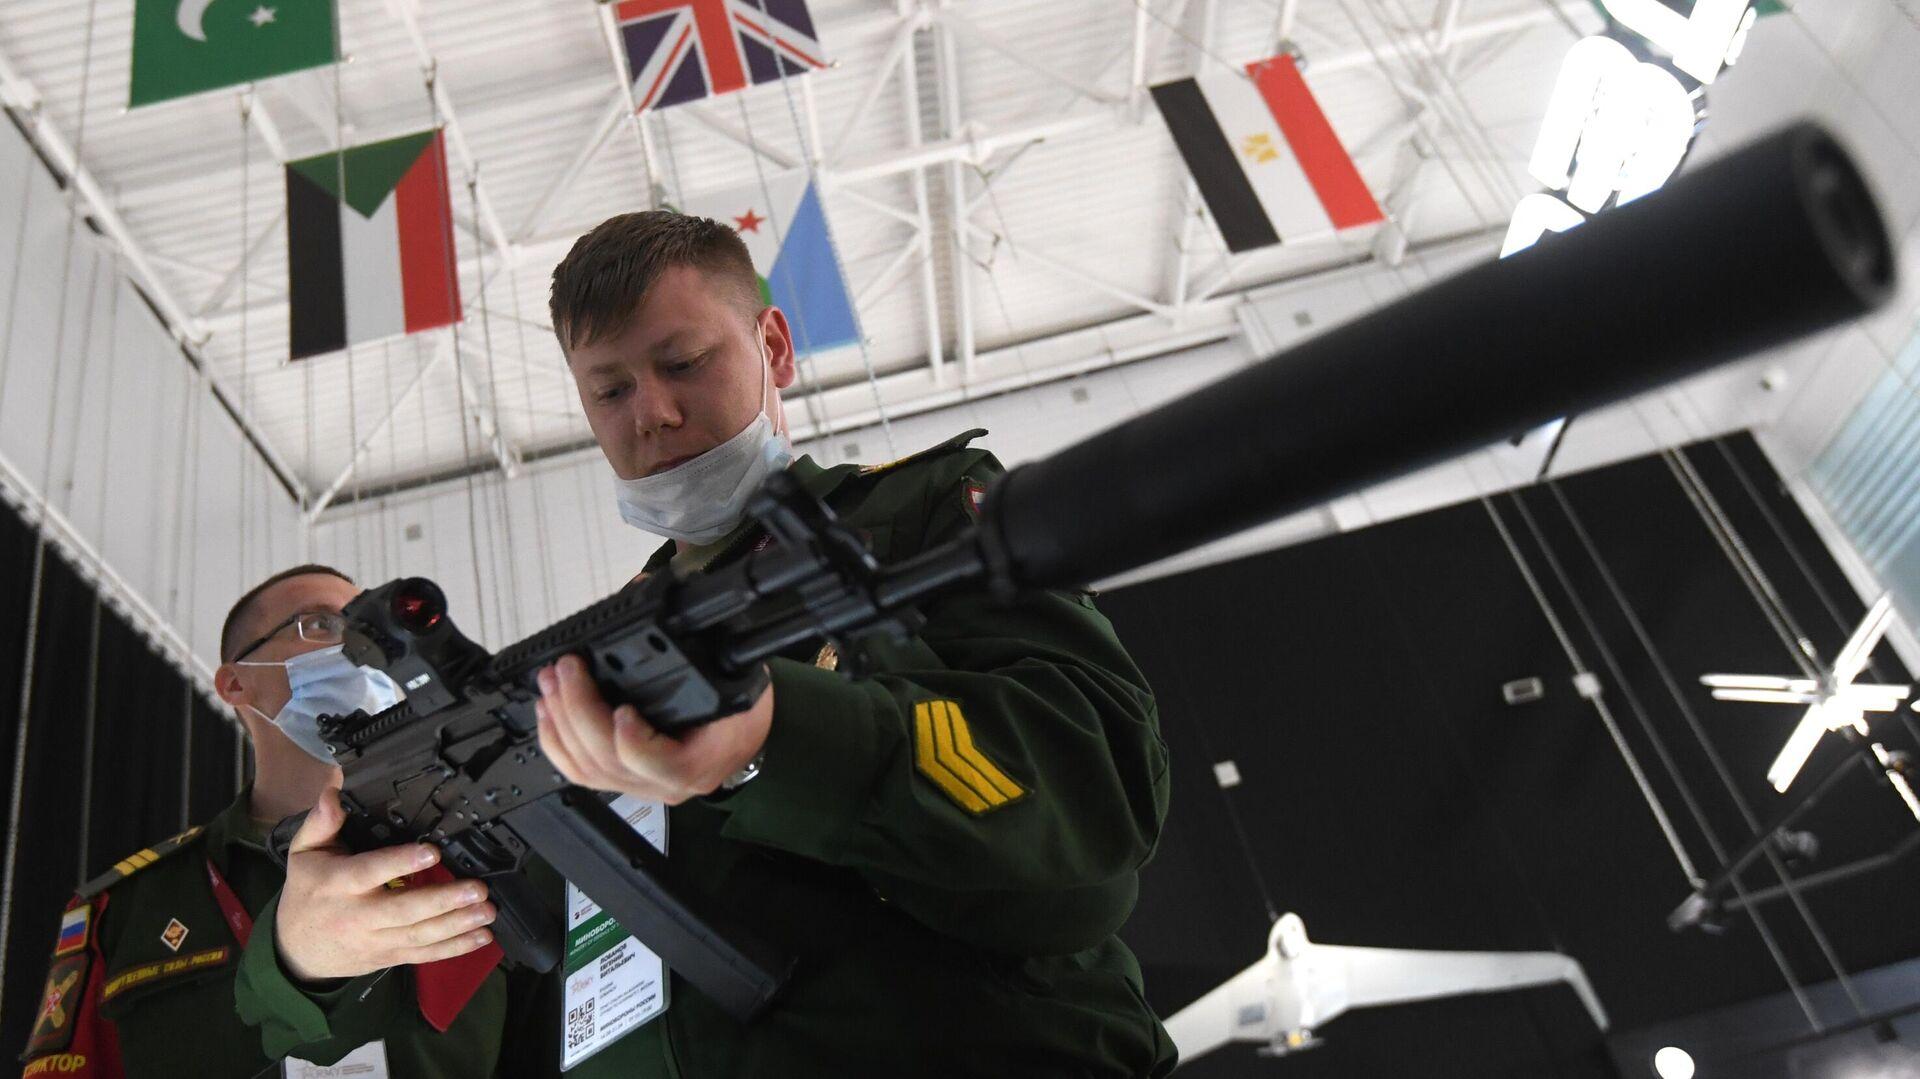 Новый вариант автомата Калашникова АК-19, представленный на выставке вооружений Международного военно-технического форума (МВТФ) Армия-2020 - РИА Новости, 1920, 15.02.2021